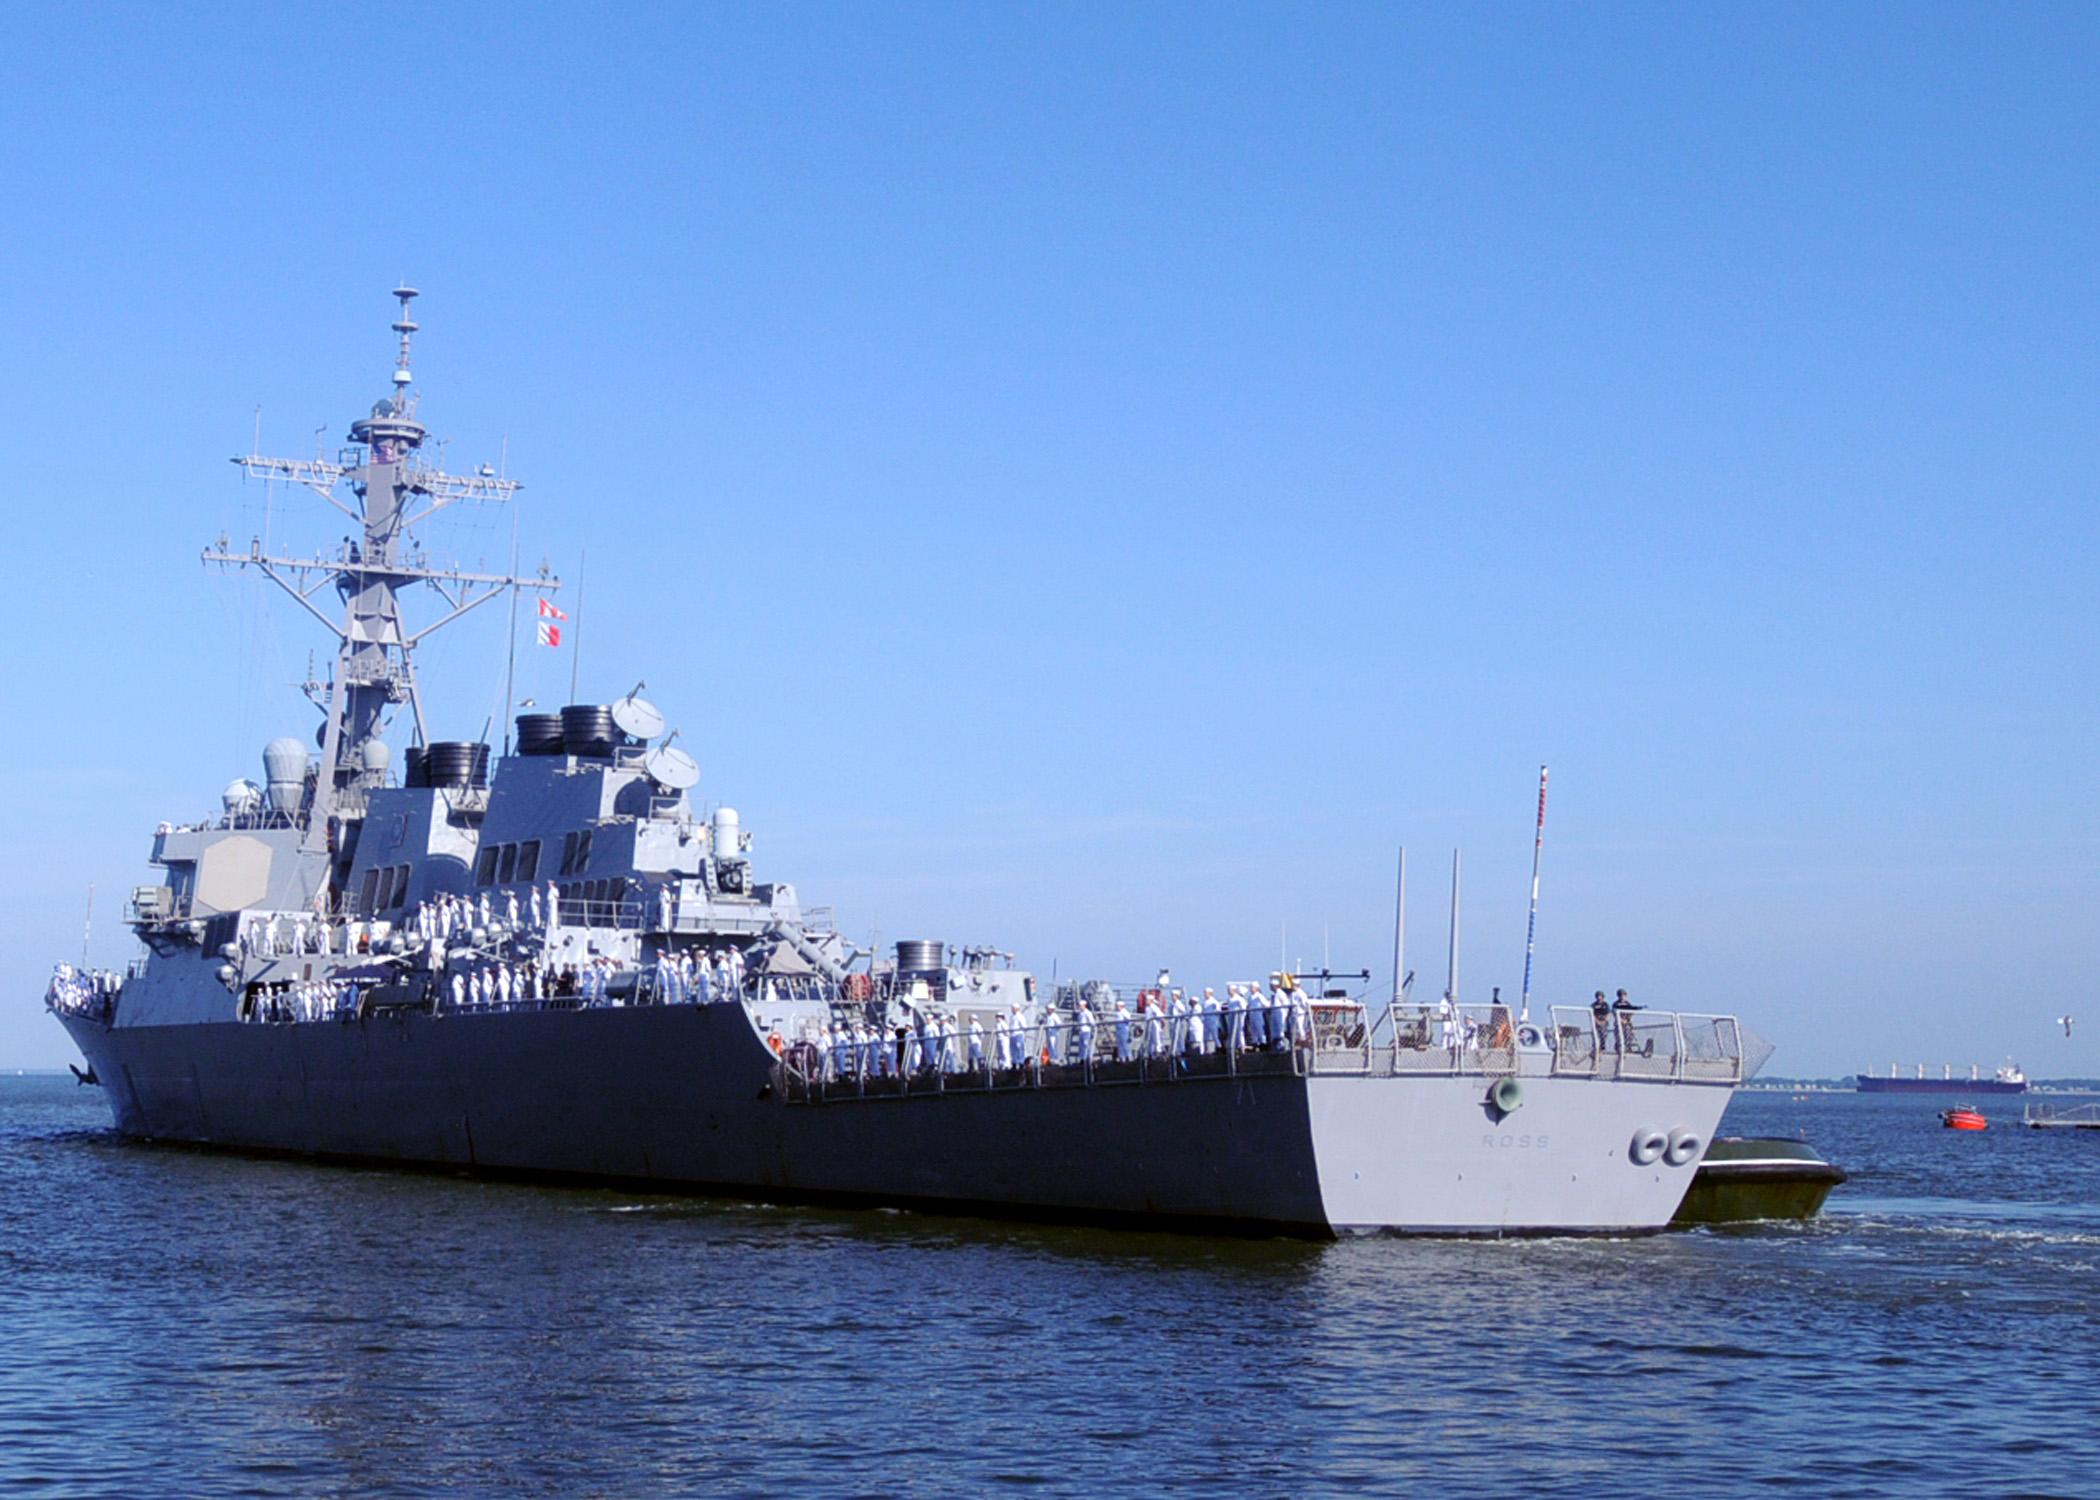 USS ROSS DDG-71 Auslaufen Norfolk am 03.06.2014 Bild: U.S. Navy